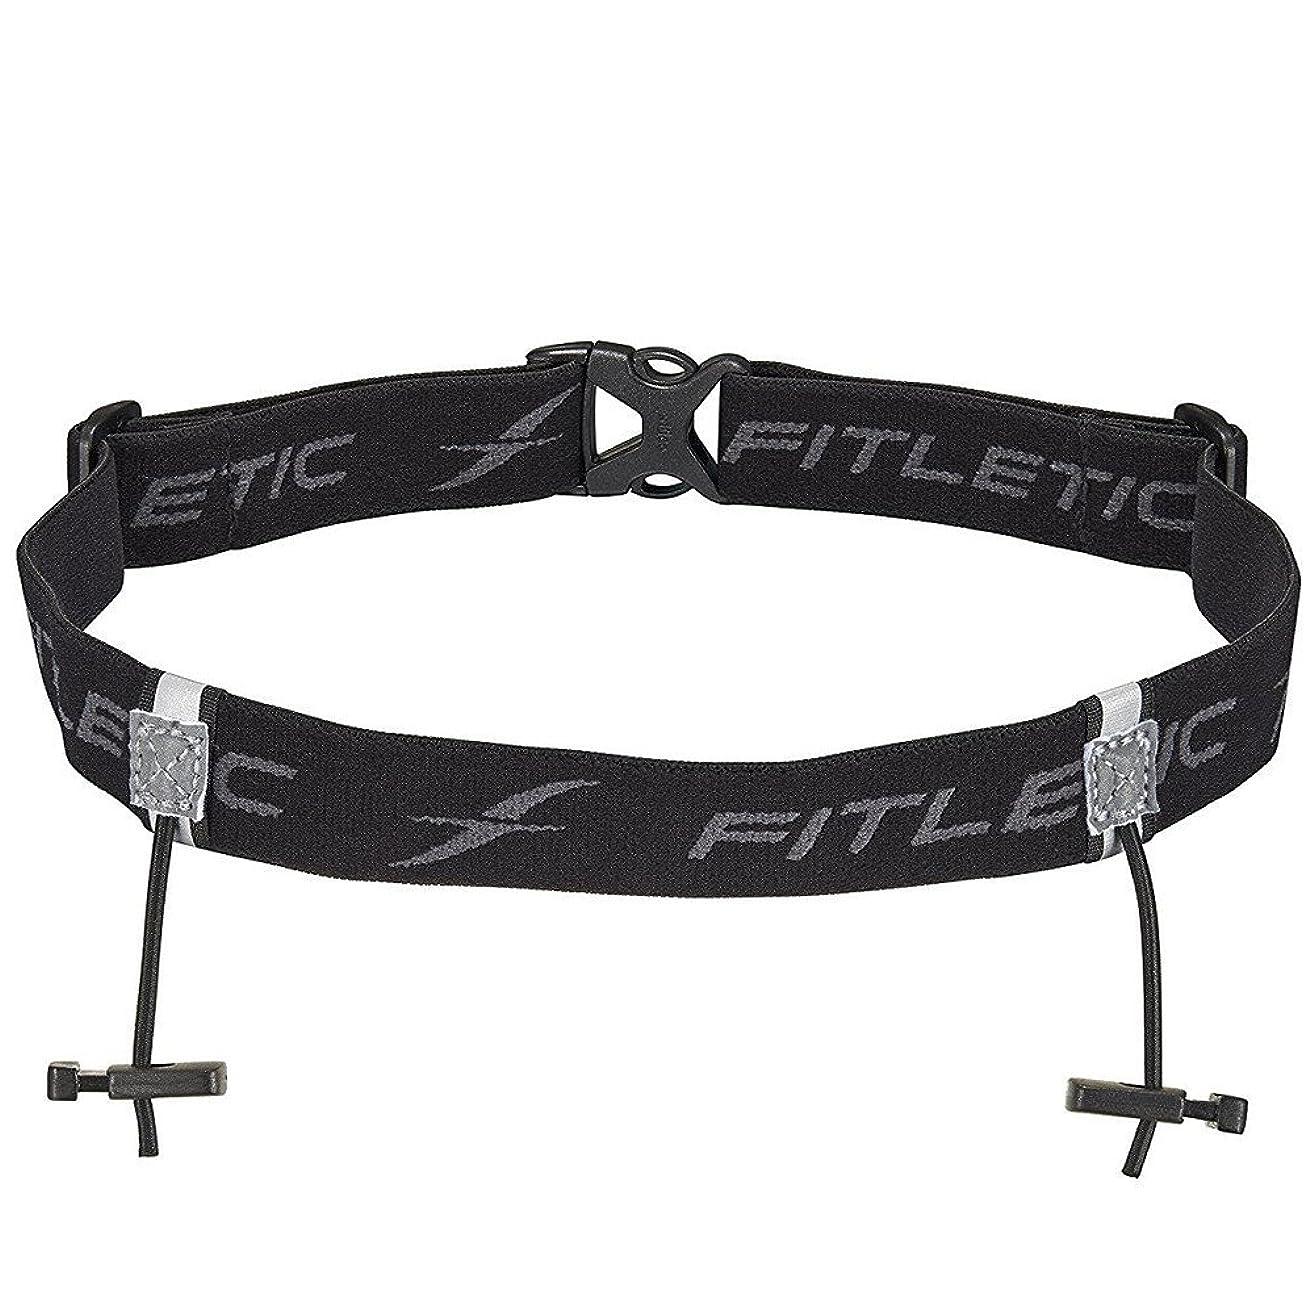 Fitletic Race Bib Belt/Race Number Belt - Race 1